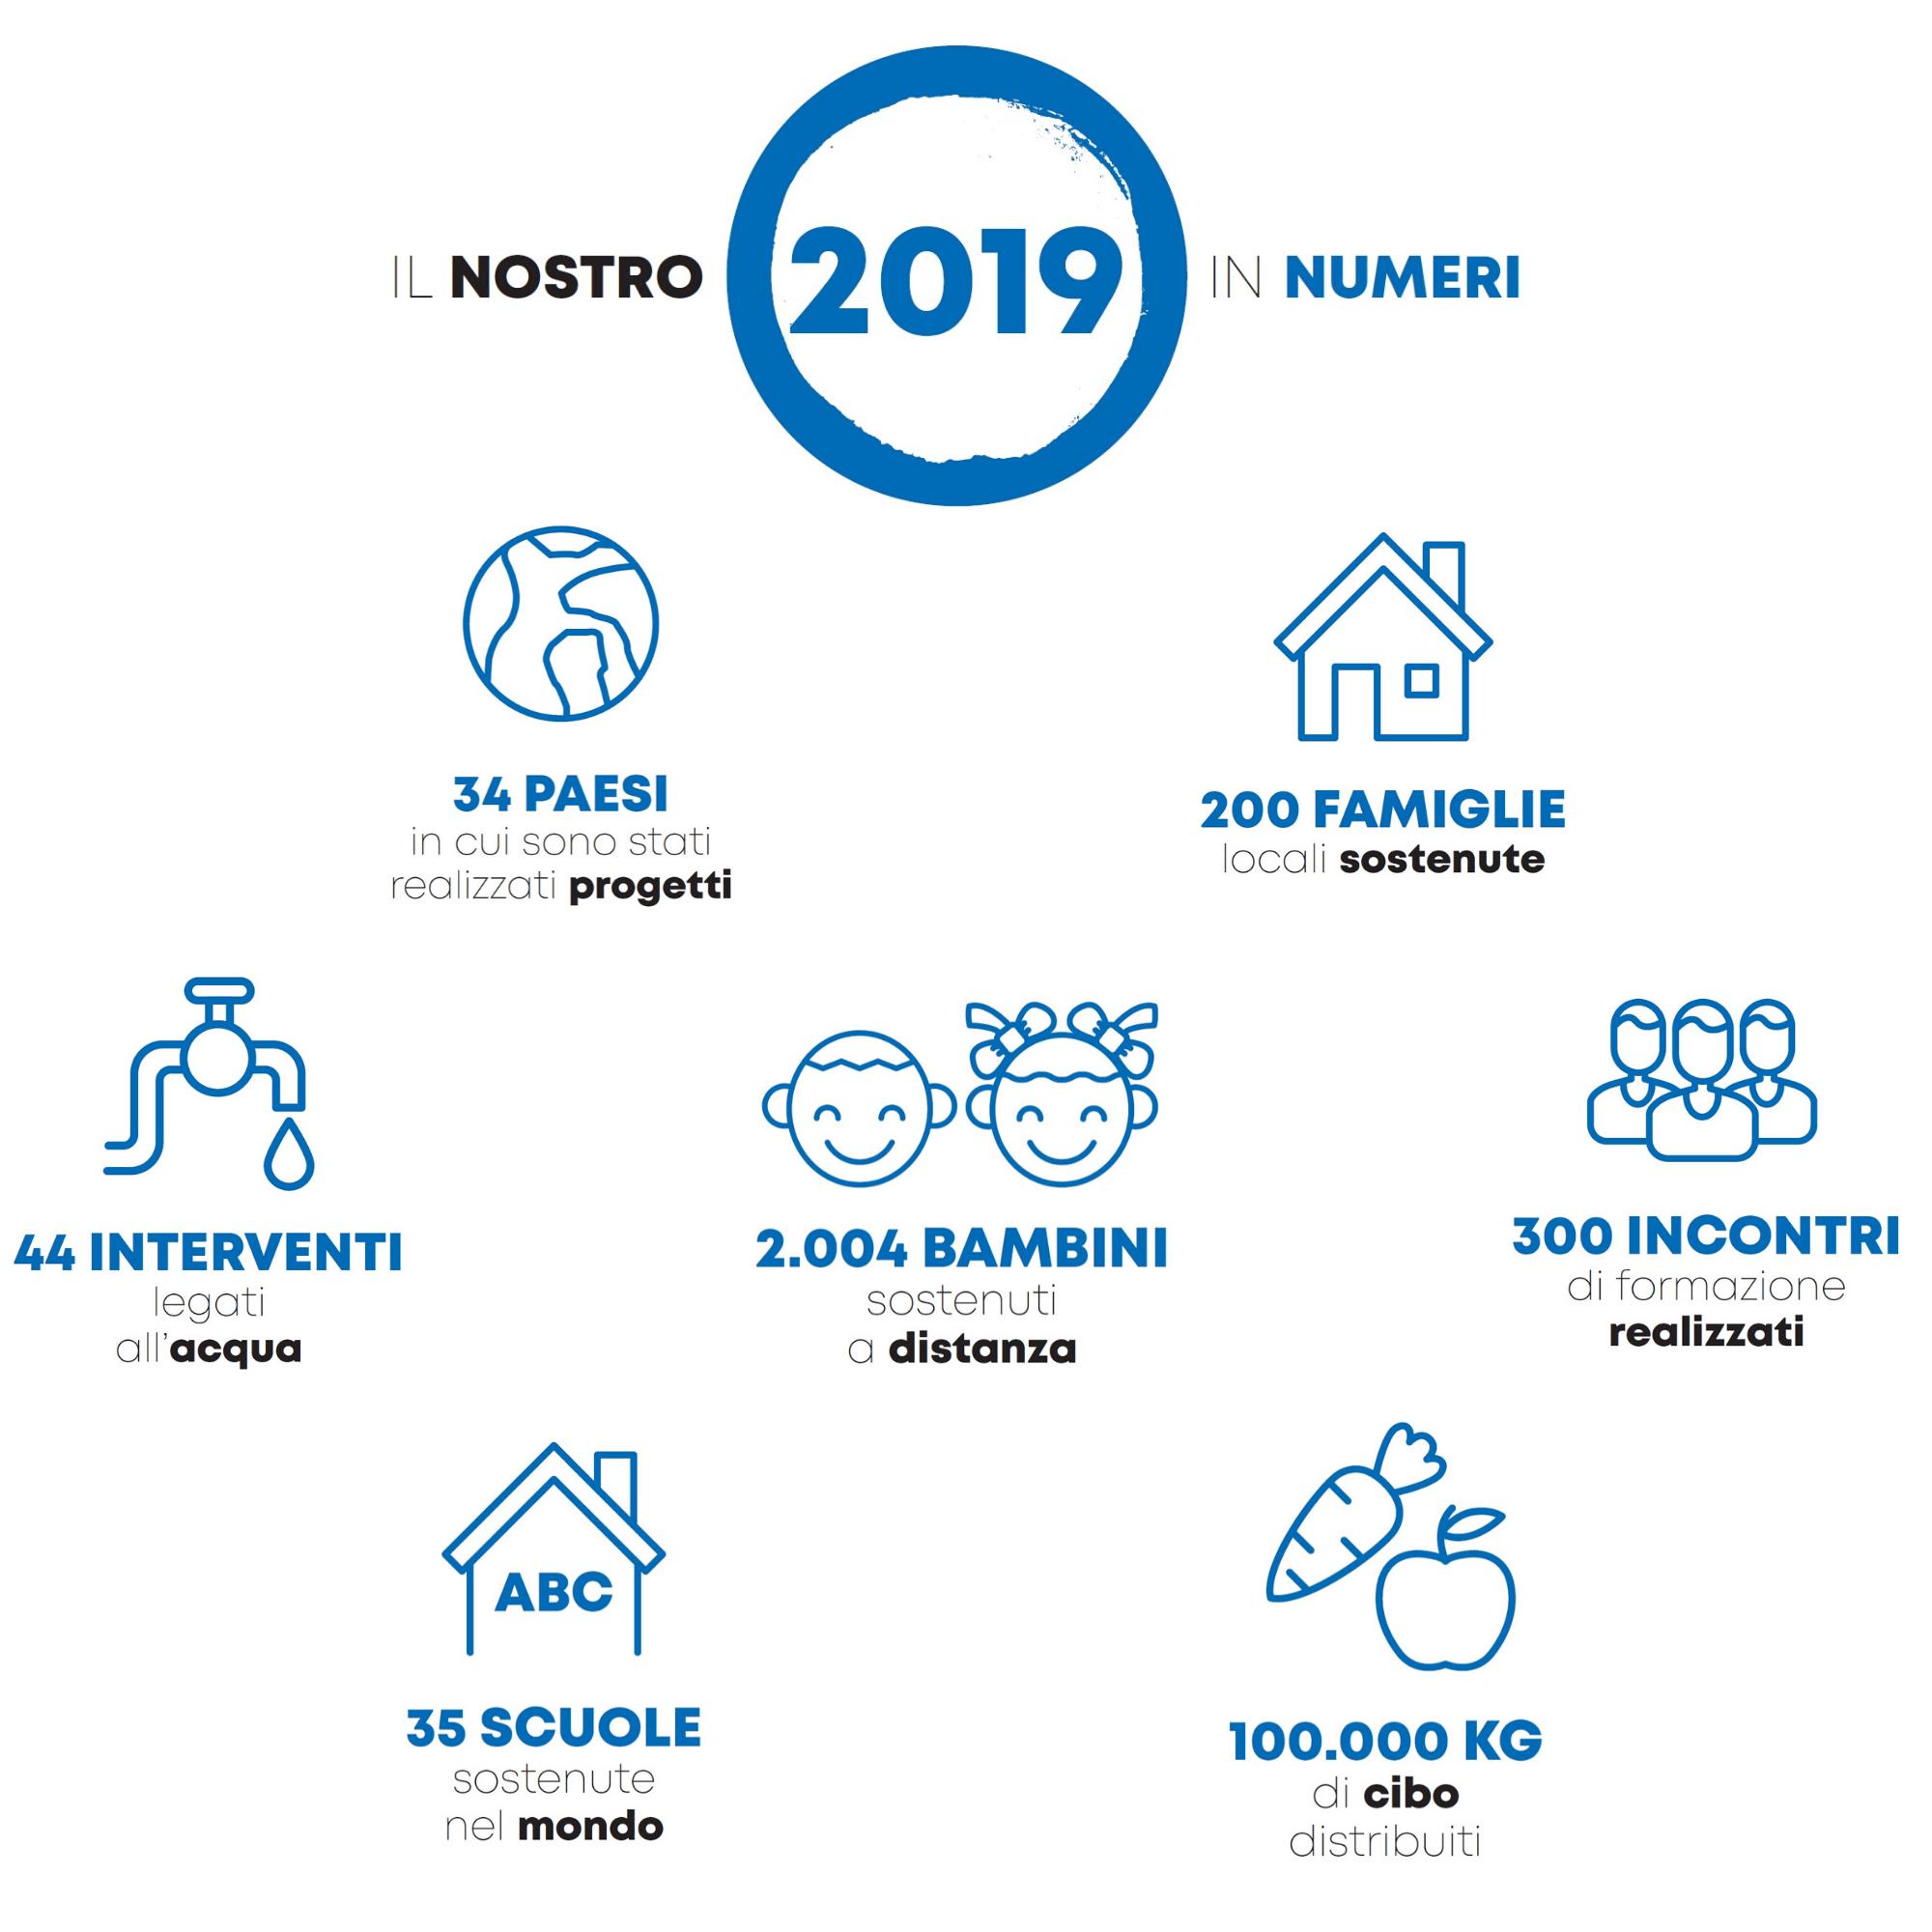 Insieme si può - il nostro 2018 in cifre